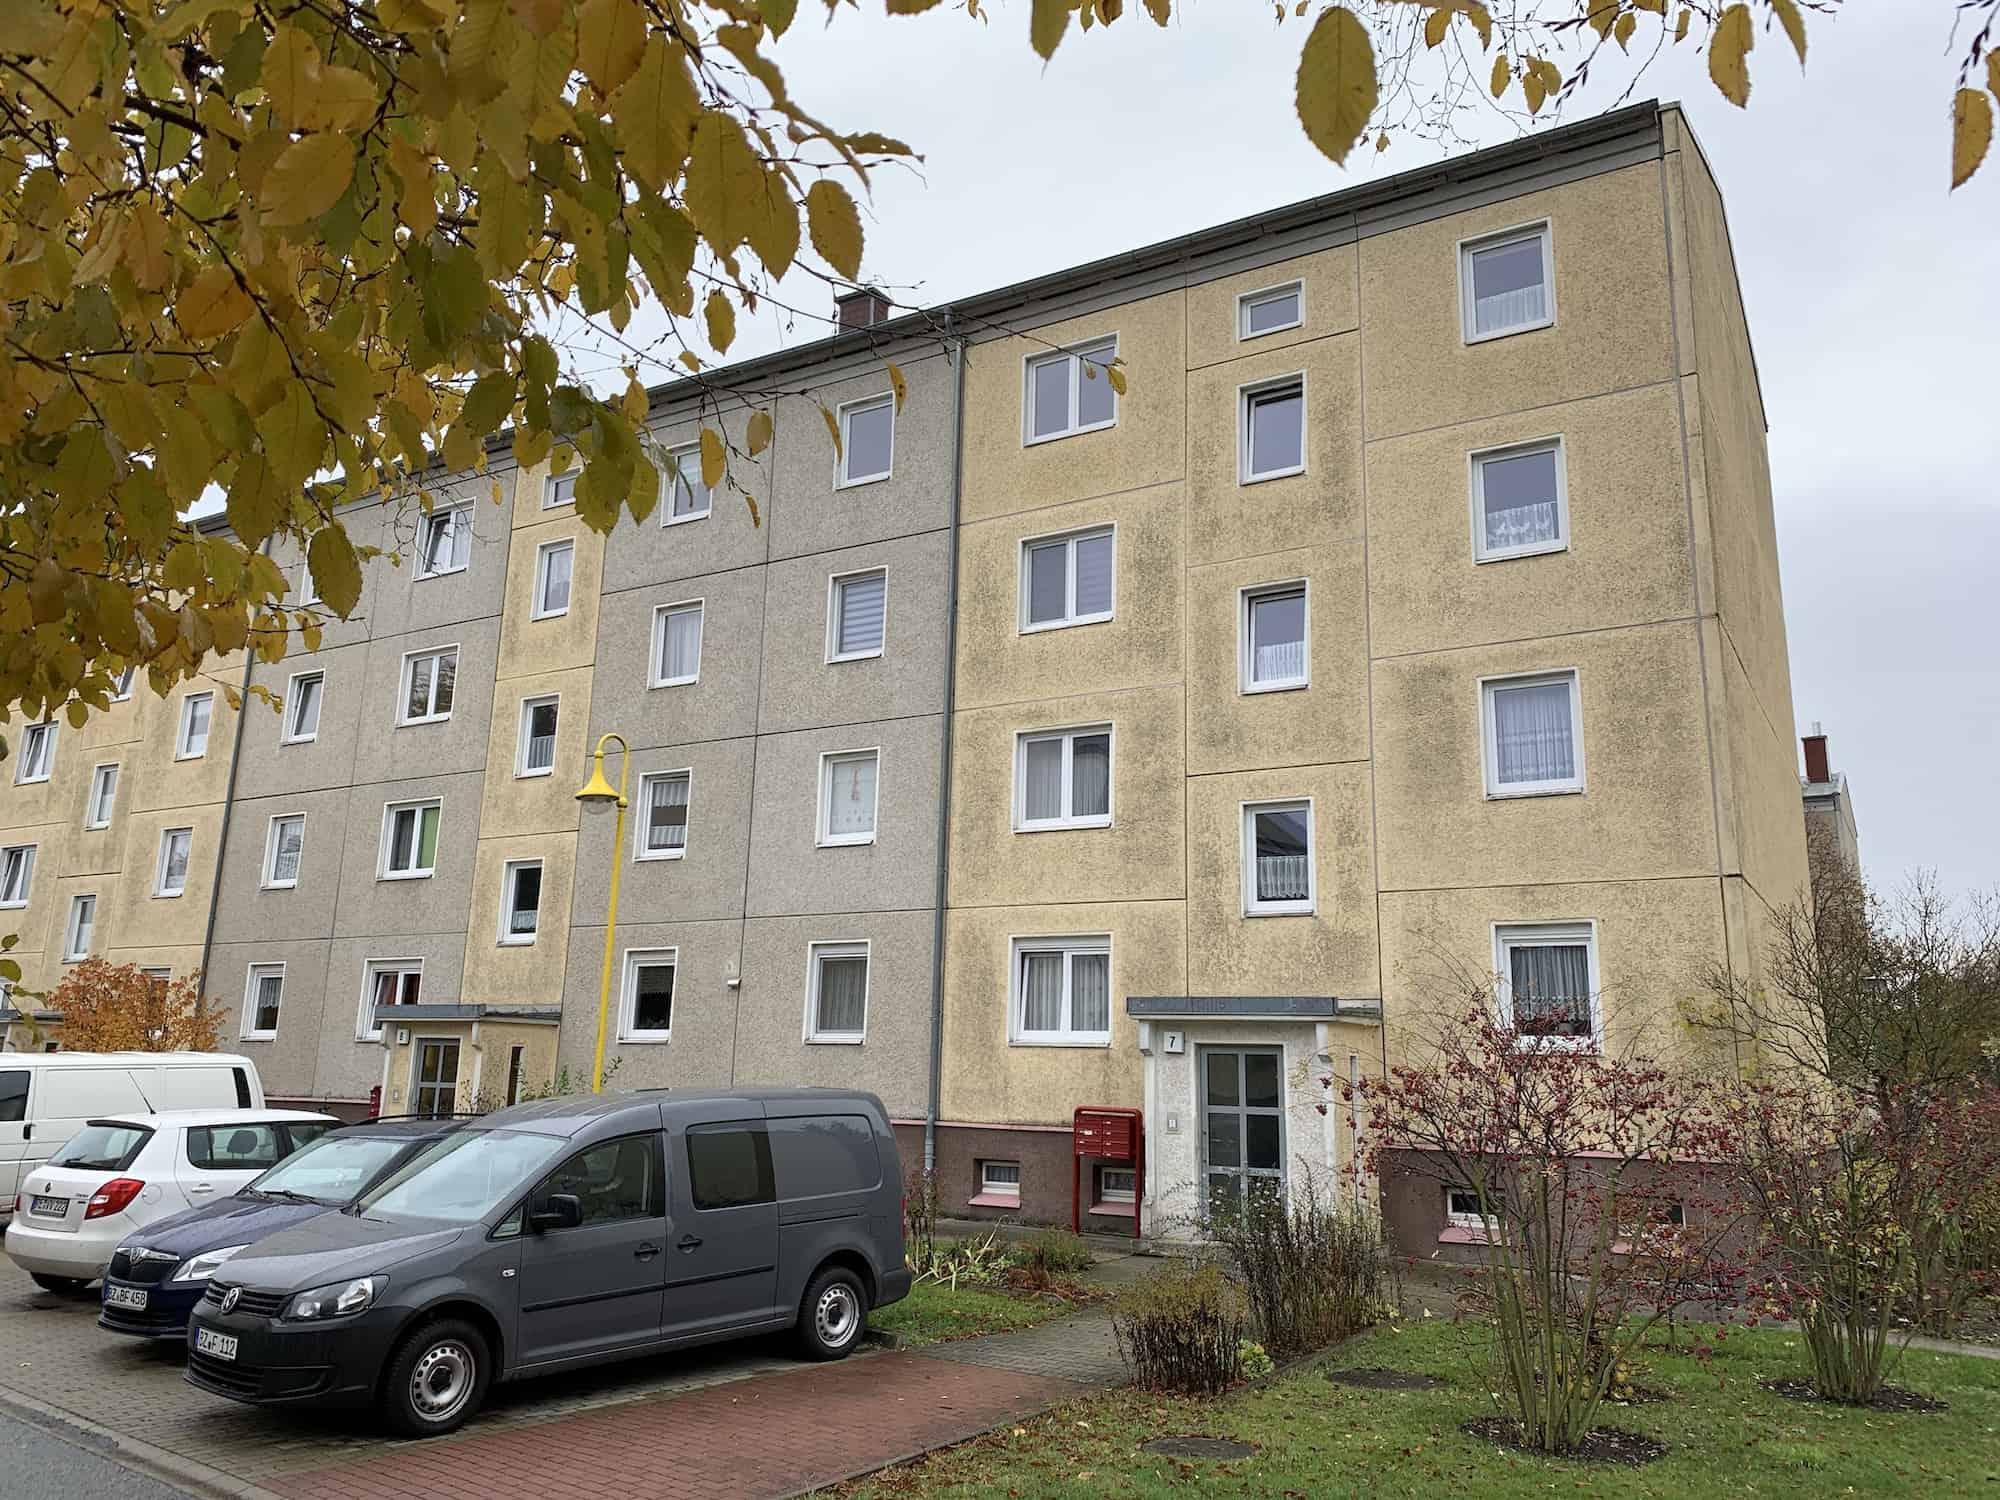 4-Raum Wohnung / 79 m²